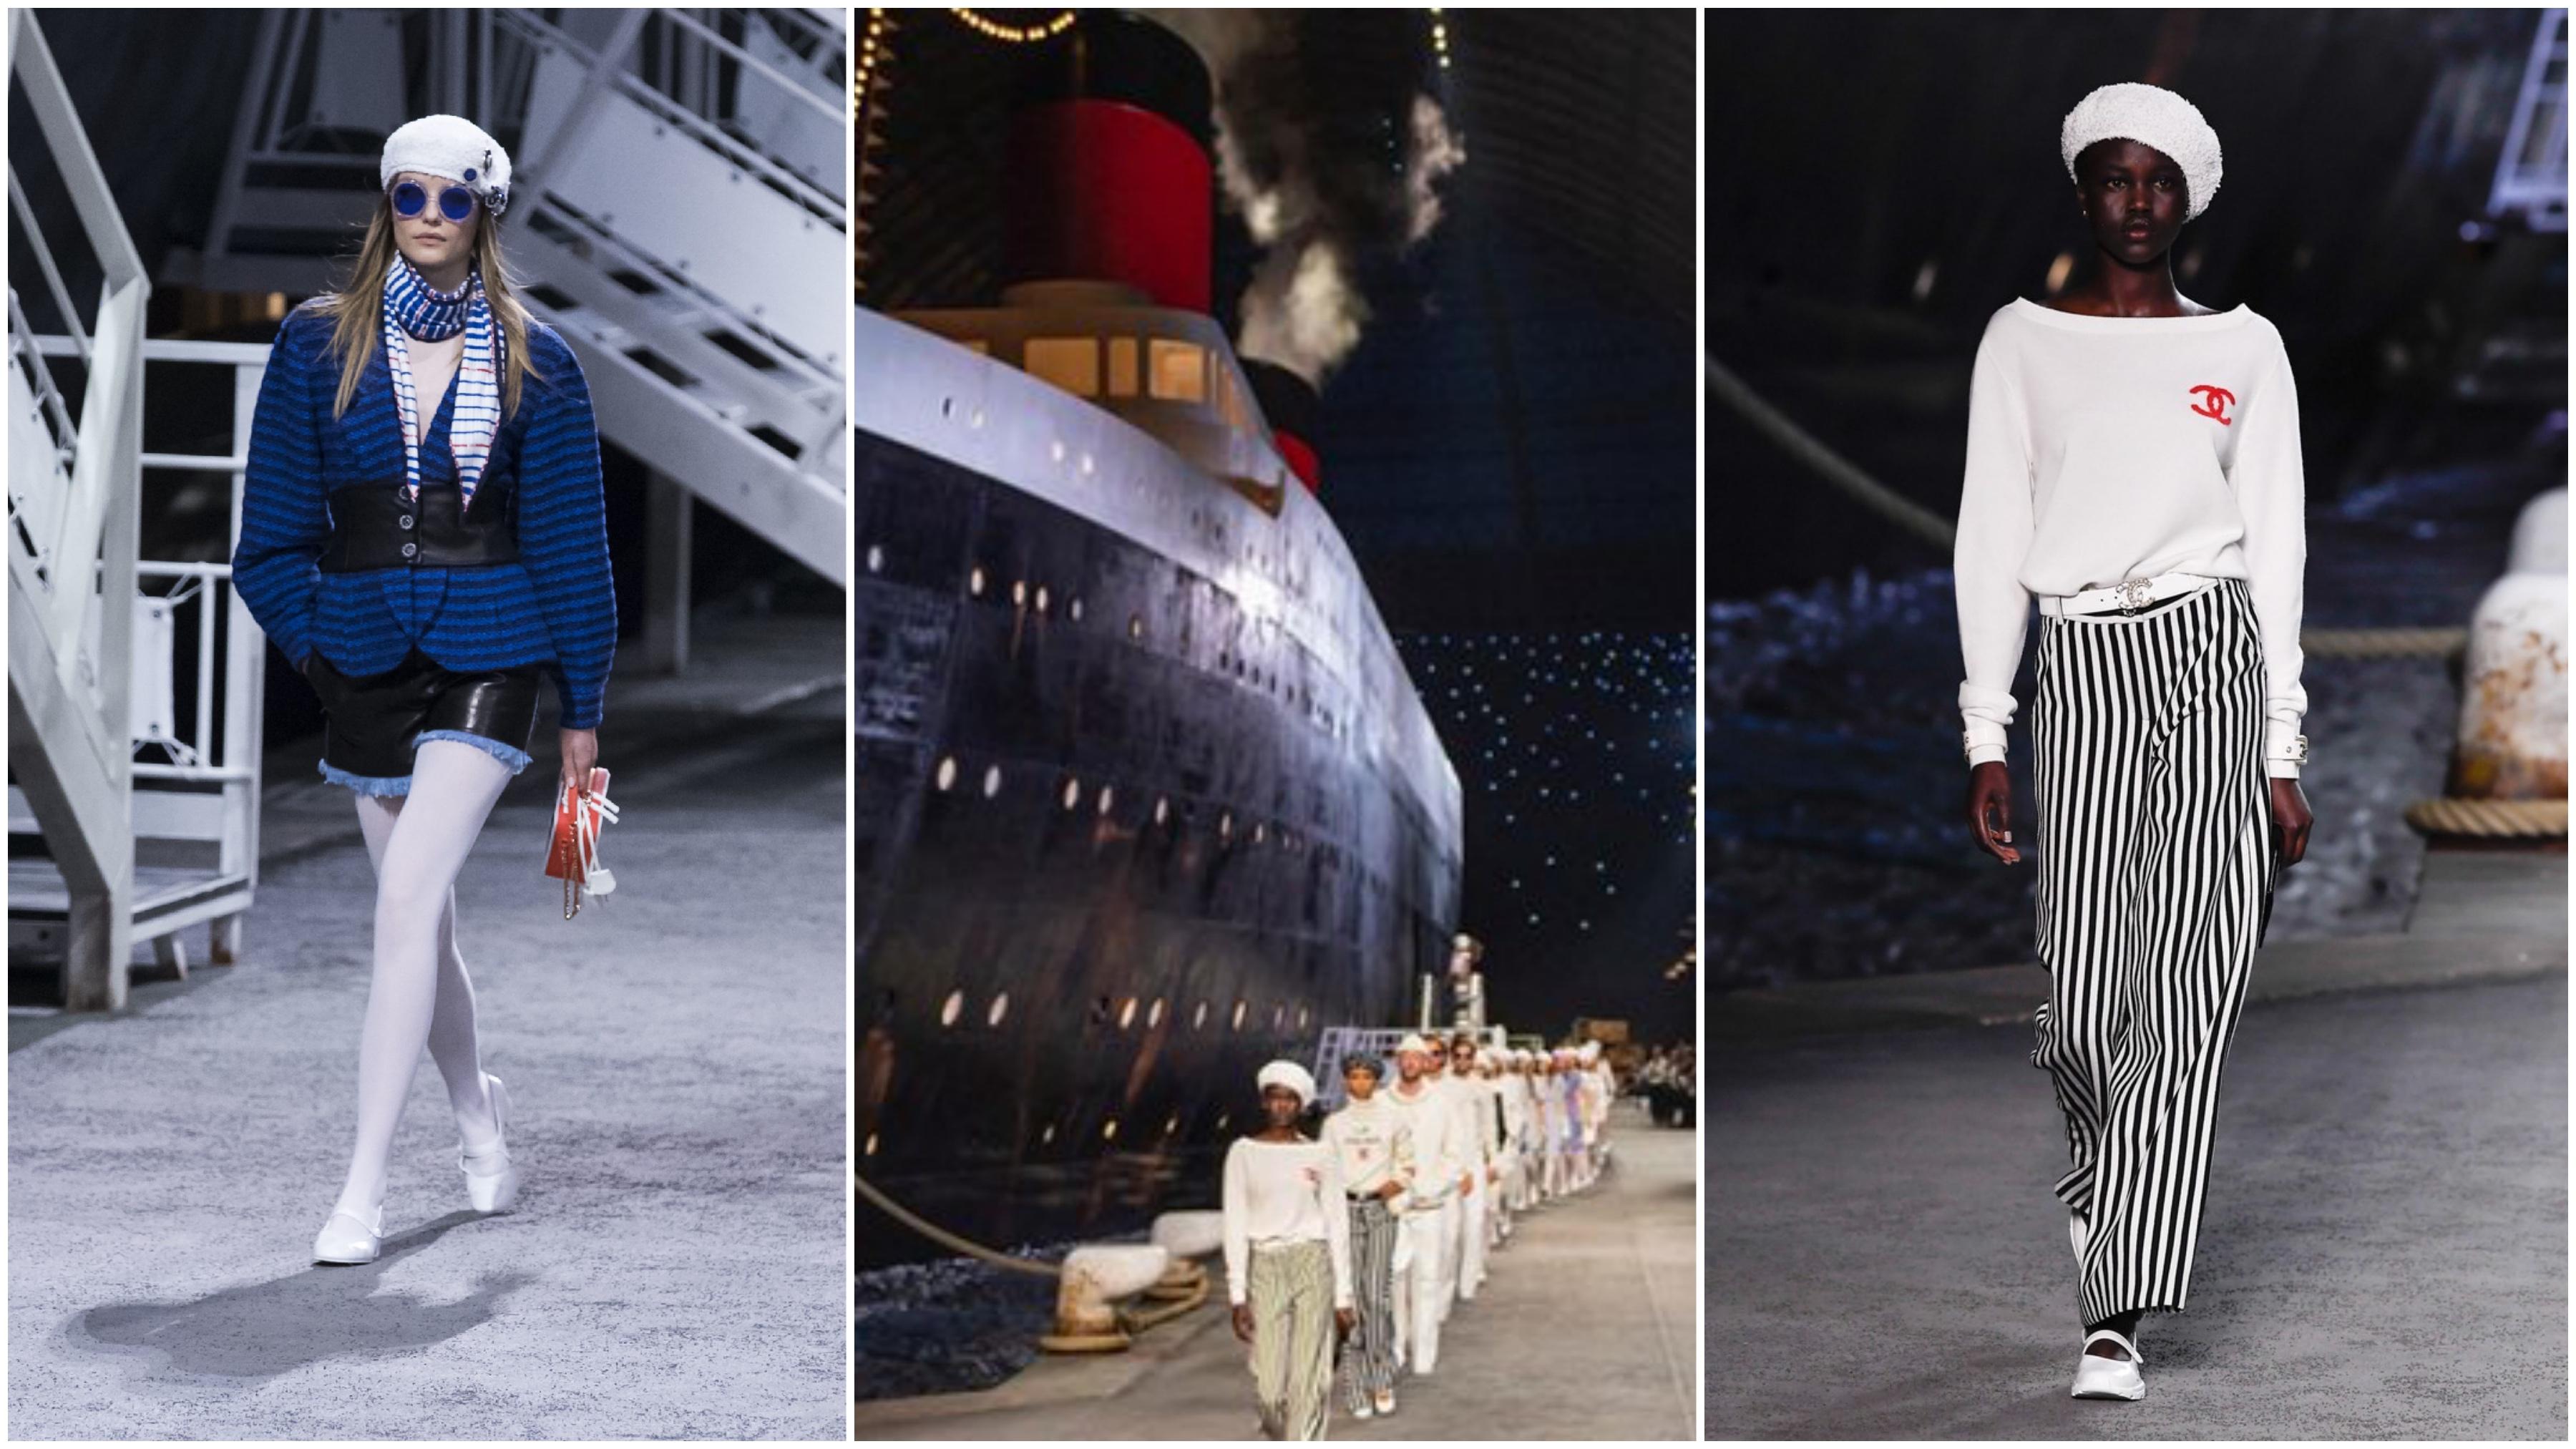 Entre colecciones nos subimos al crucero de la alta costura - image CH on https://www.vanidad.es